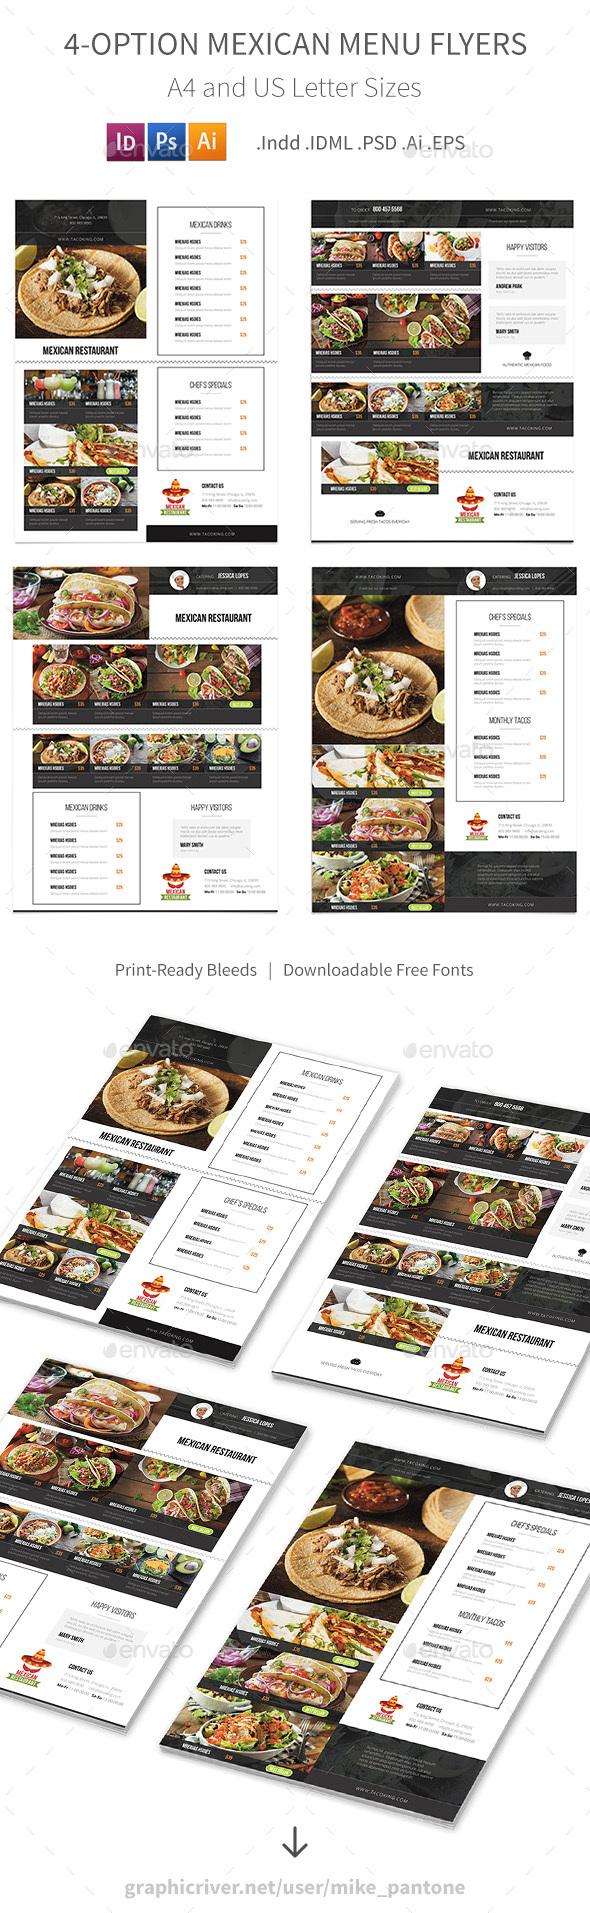 Mexican Restaurant Menu Flyers – 4 Options - Food Menus Print Templates